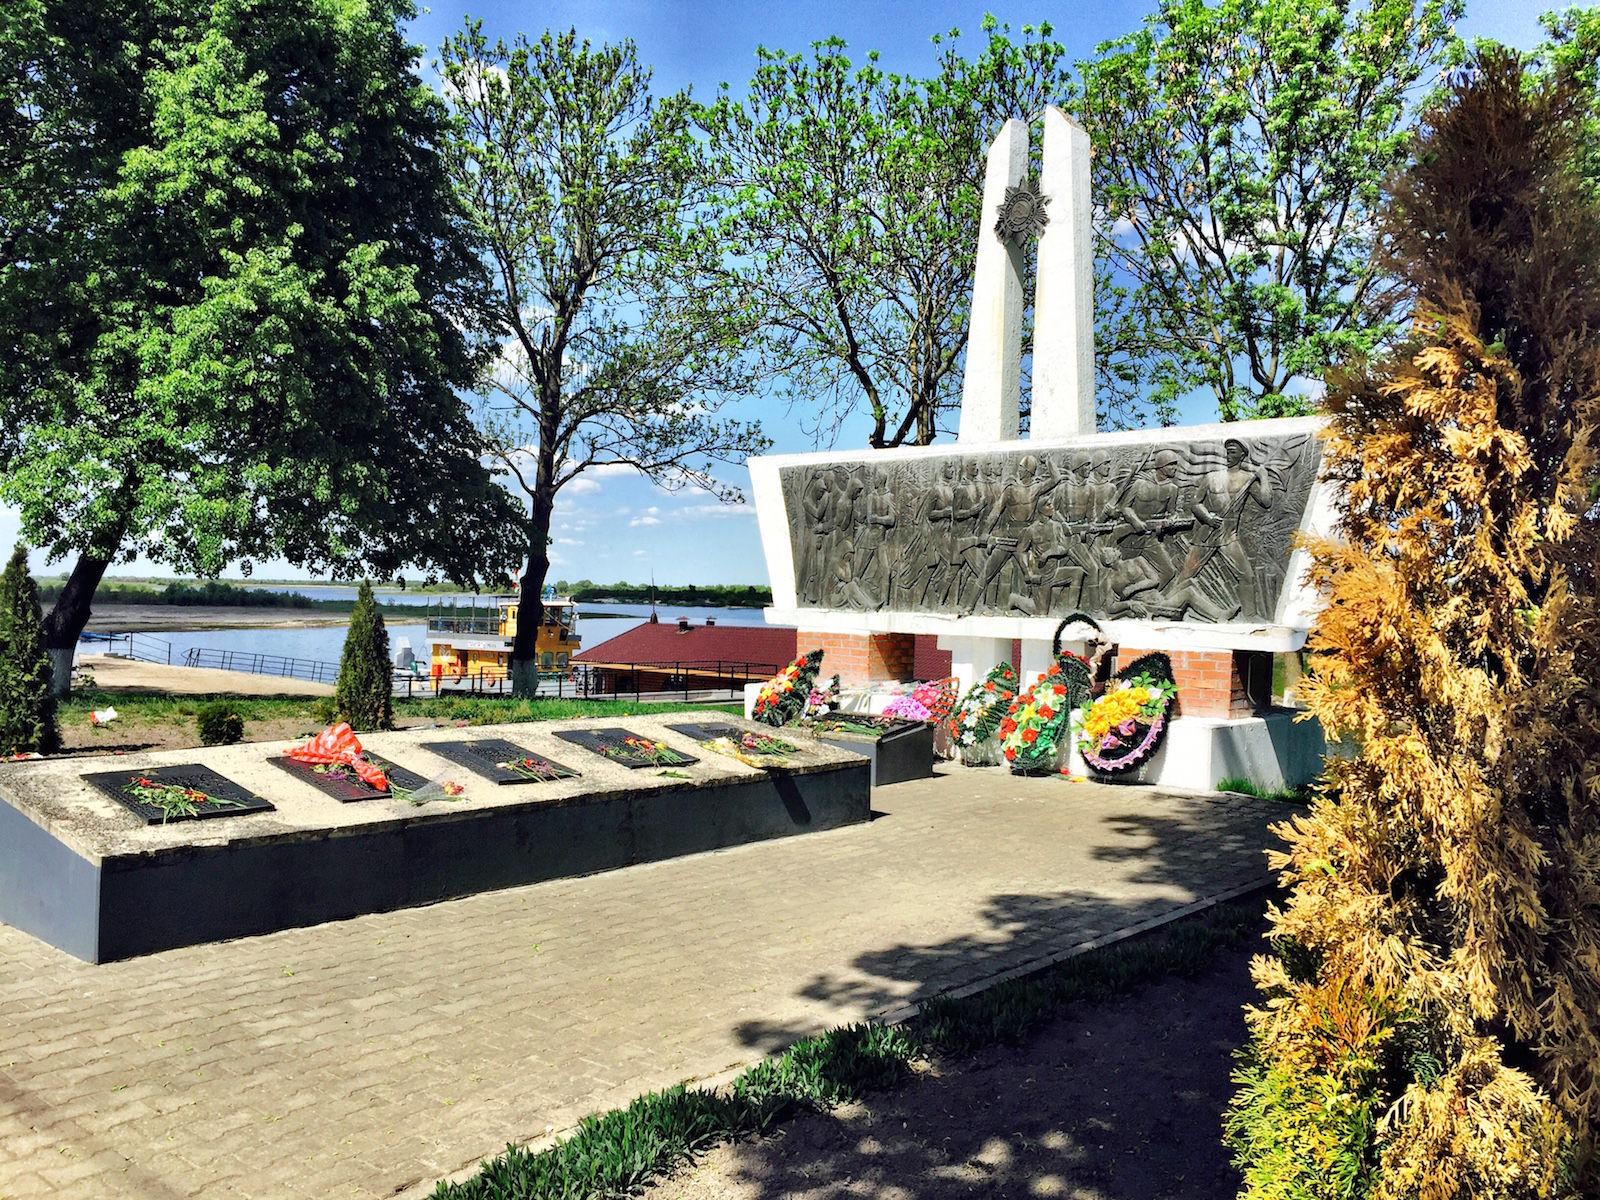 Soldier's memorial in Turov Turau Belarus